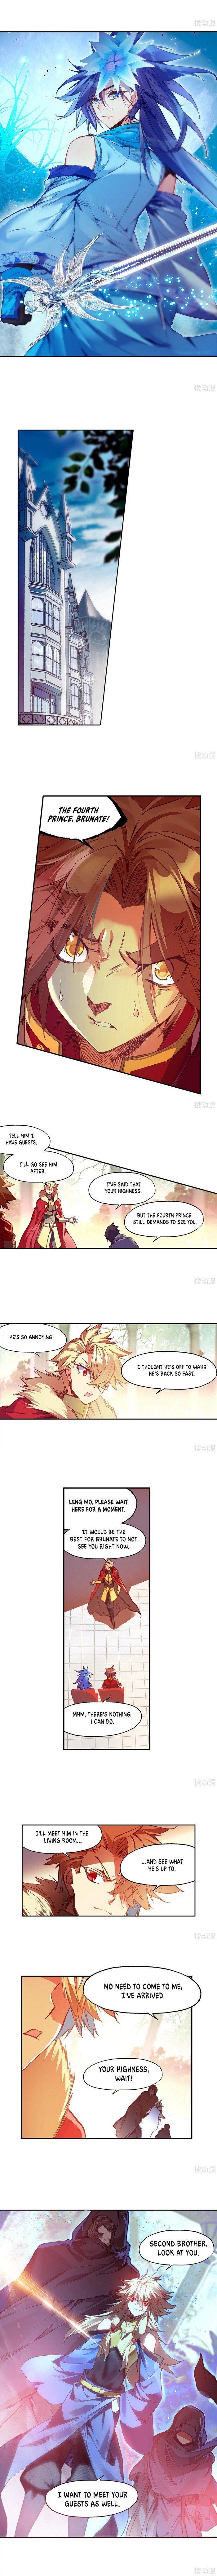 Manga Legend of Phoenix - Chapter 86 Page 1